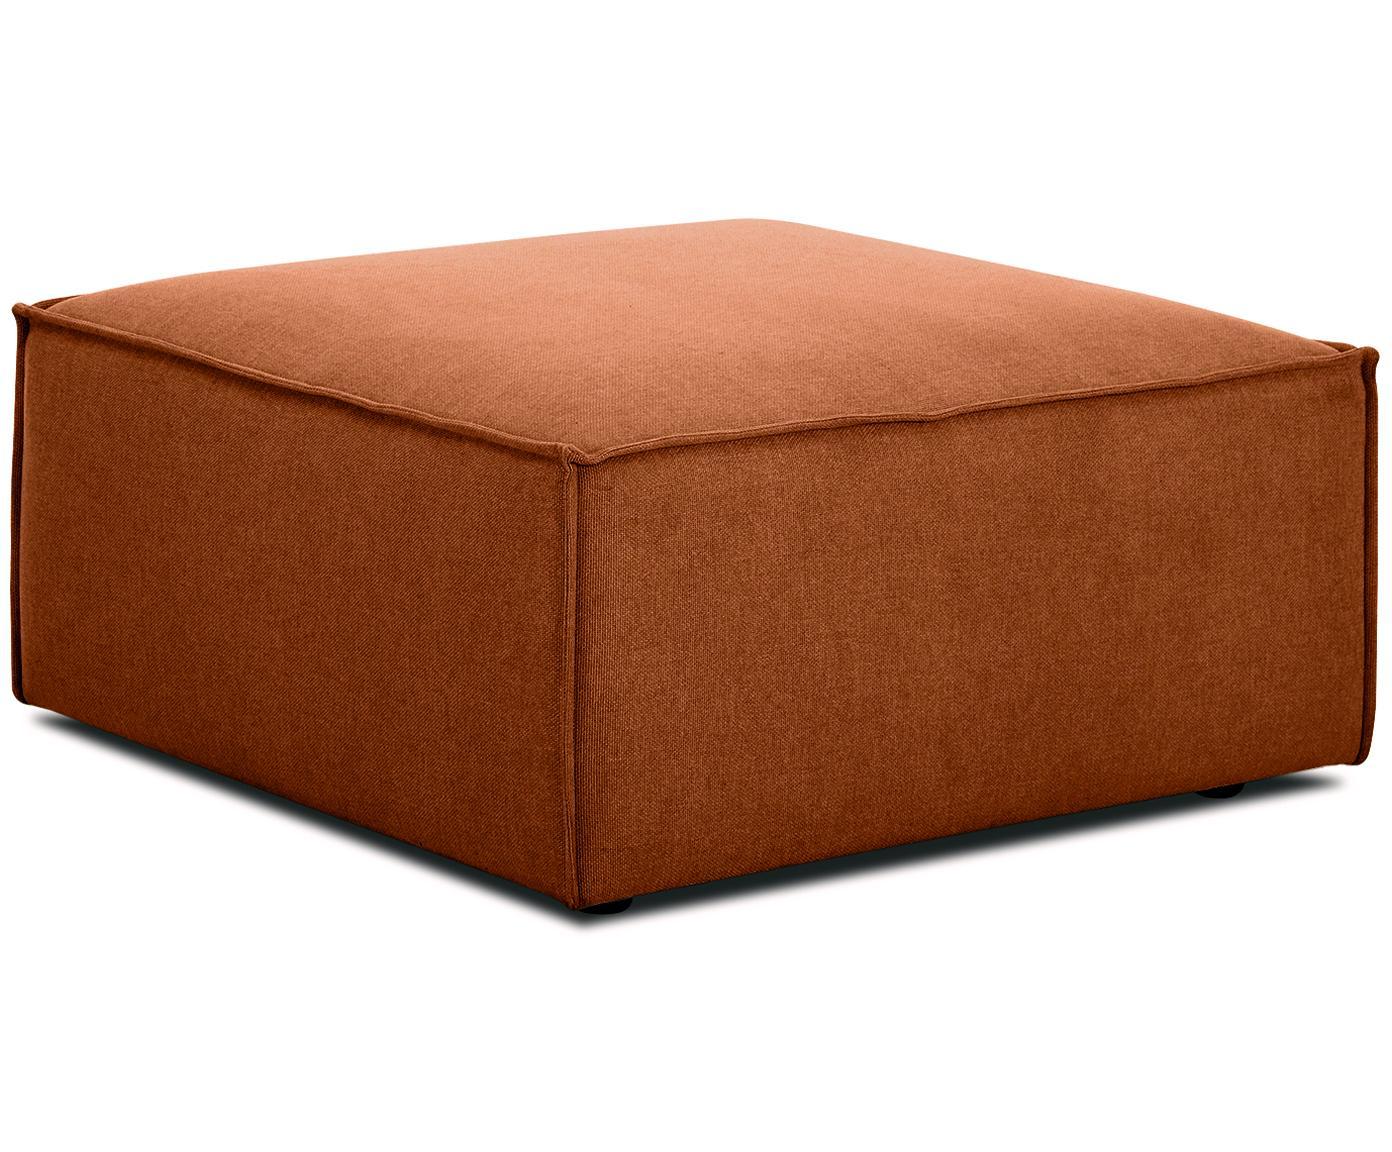 Poggiapiedi da divano Lennon, Rivestimento: poliestere 35.000 cicli d, Struttura: legno di pino massiccio, , Piedini: materiale sintetico, Tessuto colore terracotta, Larg. 88 x Alt. 43 cm